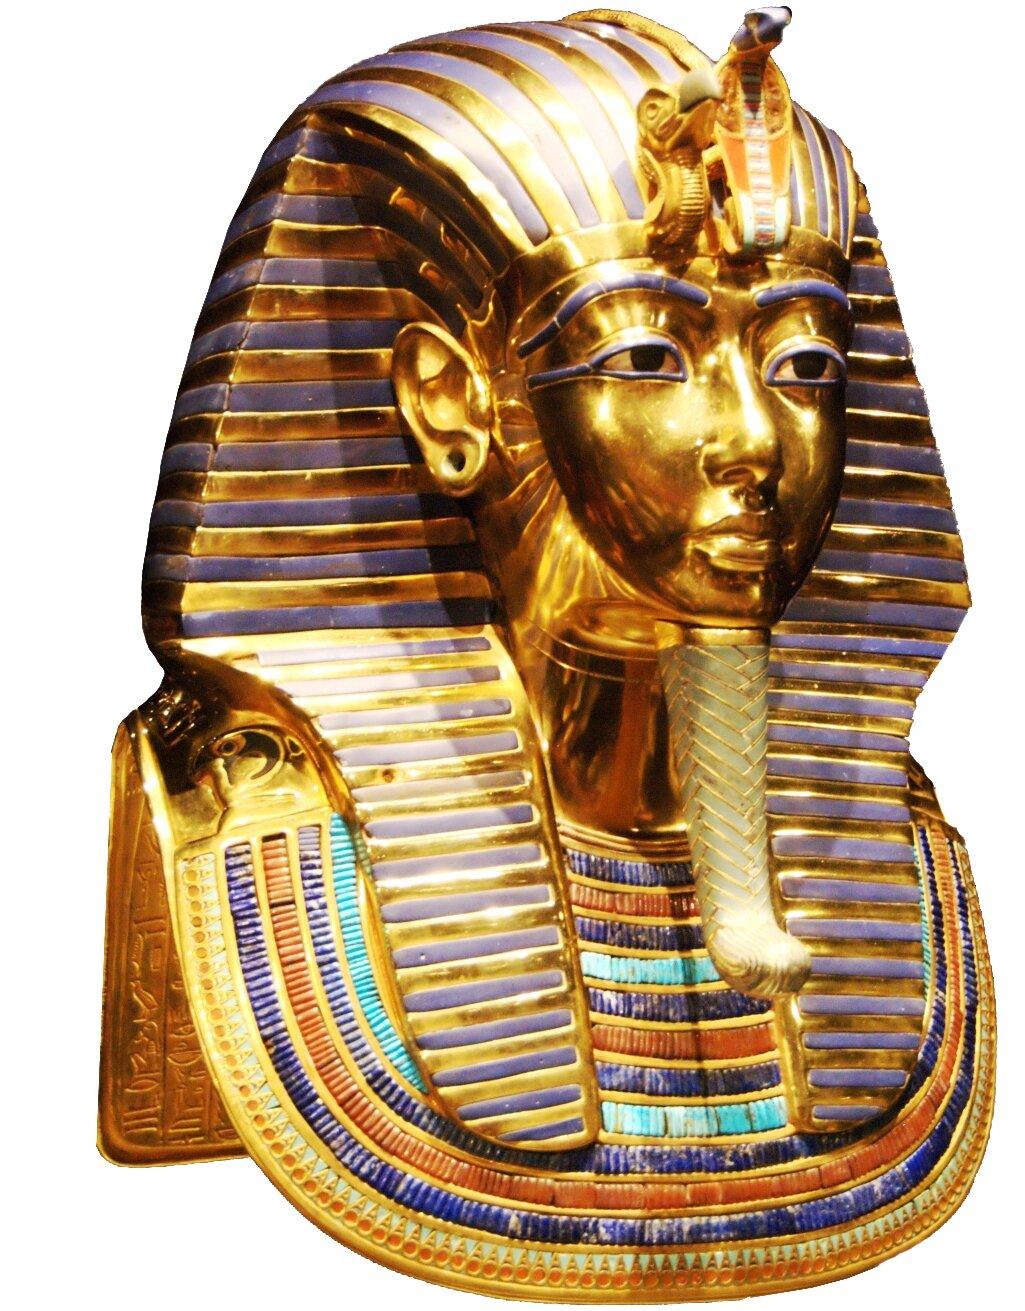 Złota maska grobowa Tutanchamona,obecniewMuzeum Kairskim Złota maska grobowa Tutanchamona,obecniewMuzeum Kairskim Źródło: Kačka aOndra, Wikimedia Commons, licencja: CC BY 2.0.